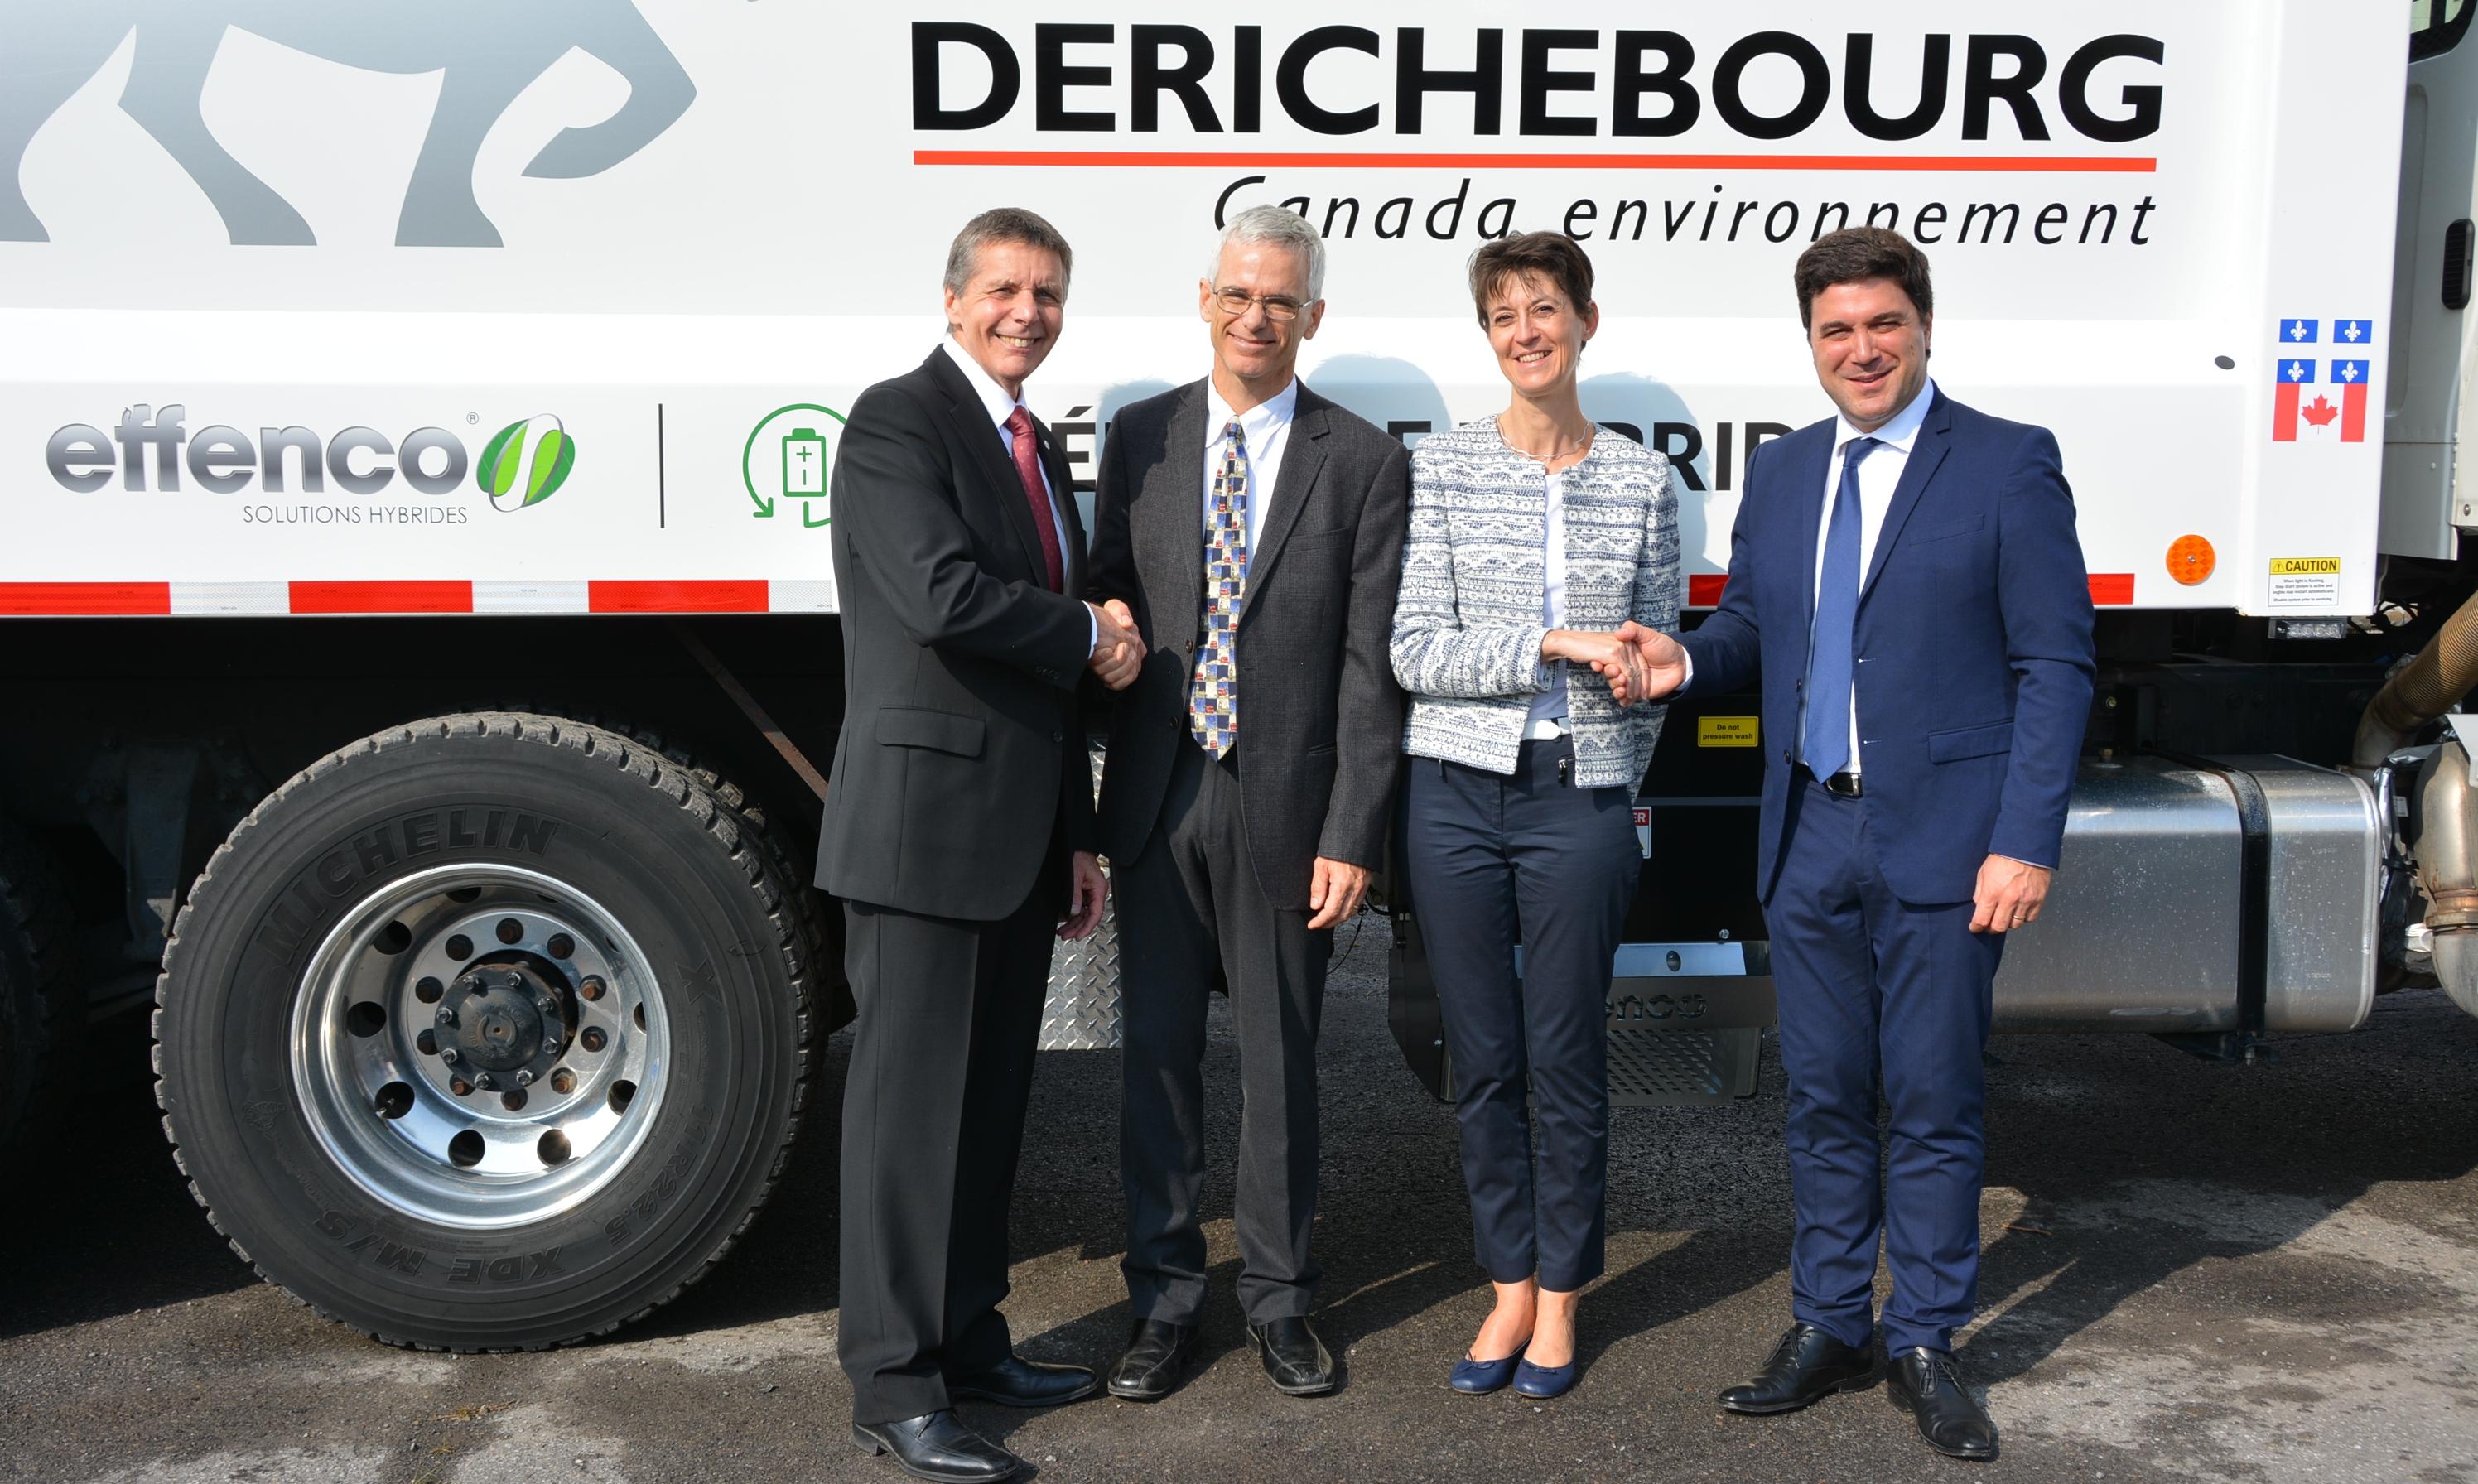 Derichebourg s'associe à Effenco pour innover dans la collecte des ordures à Montréal